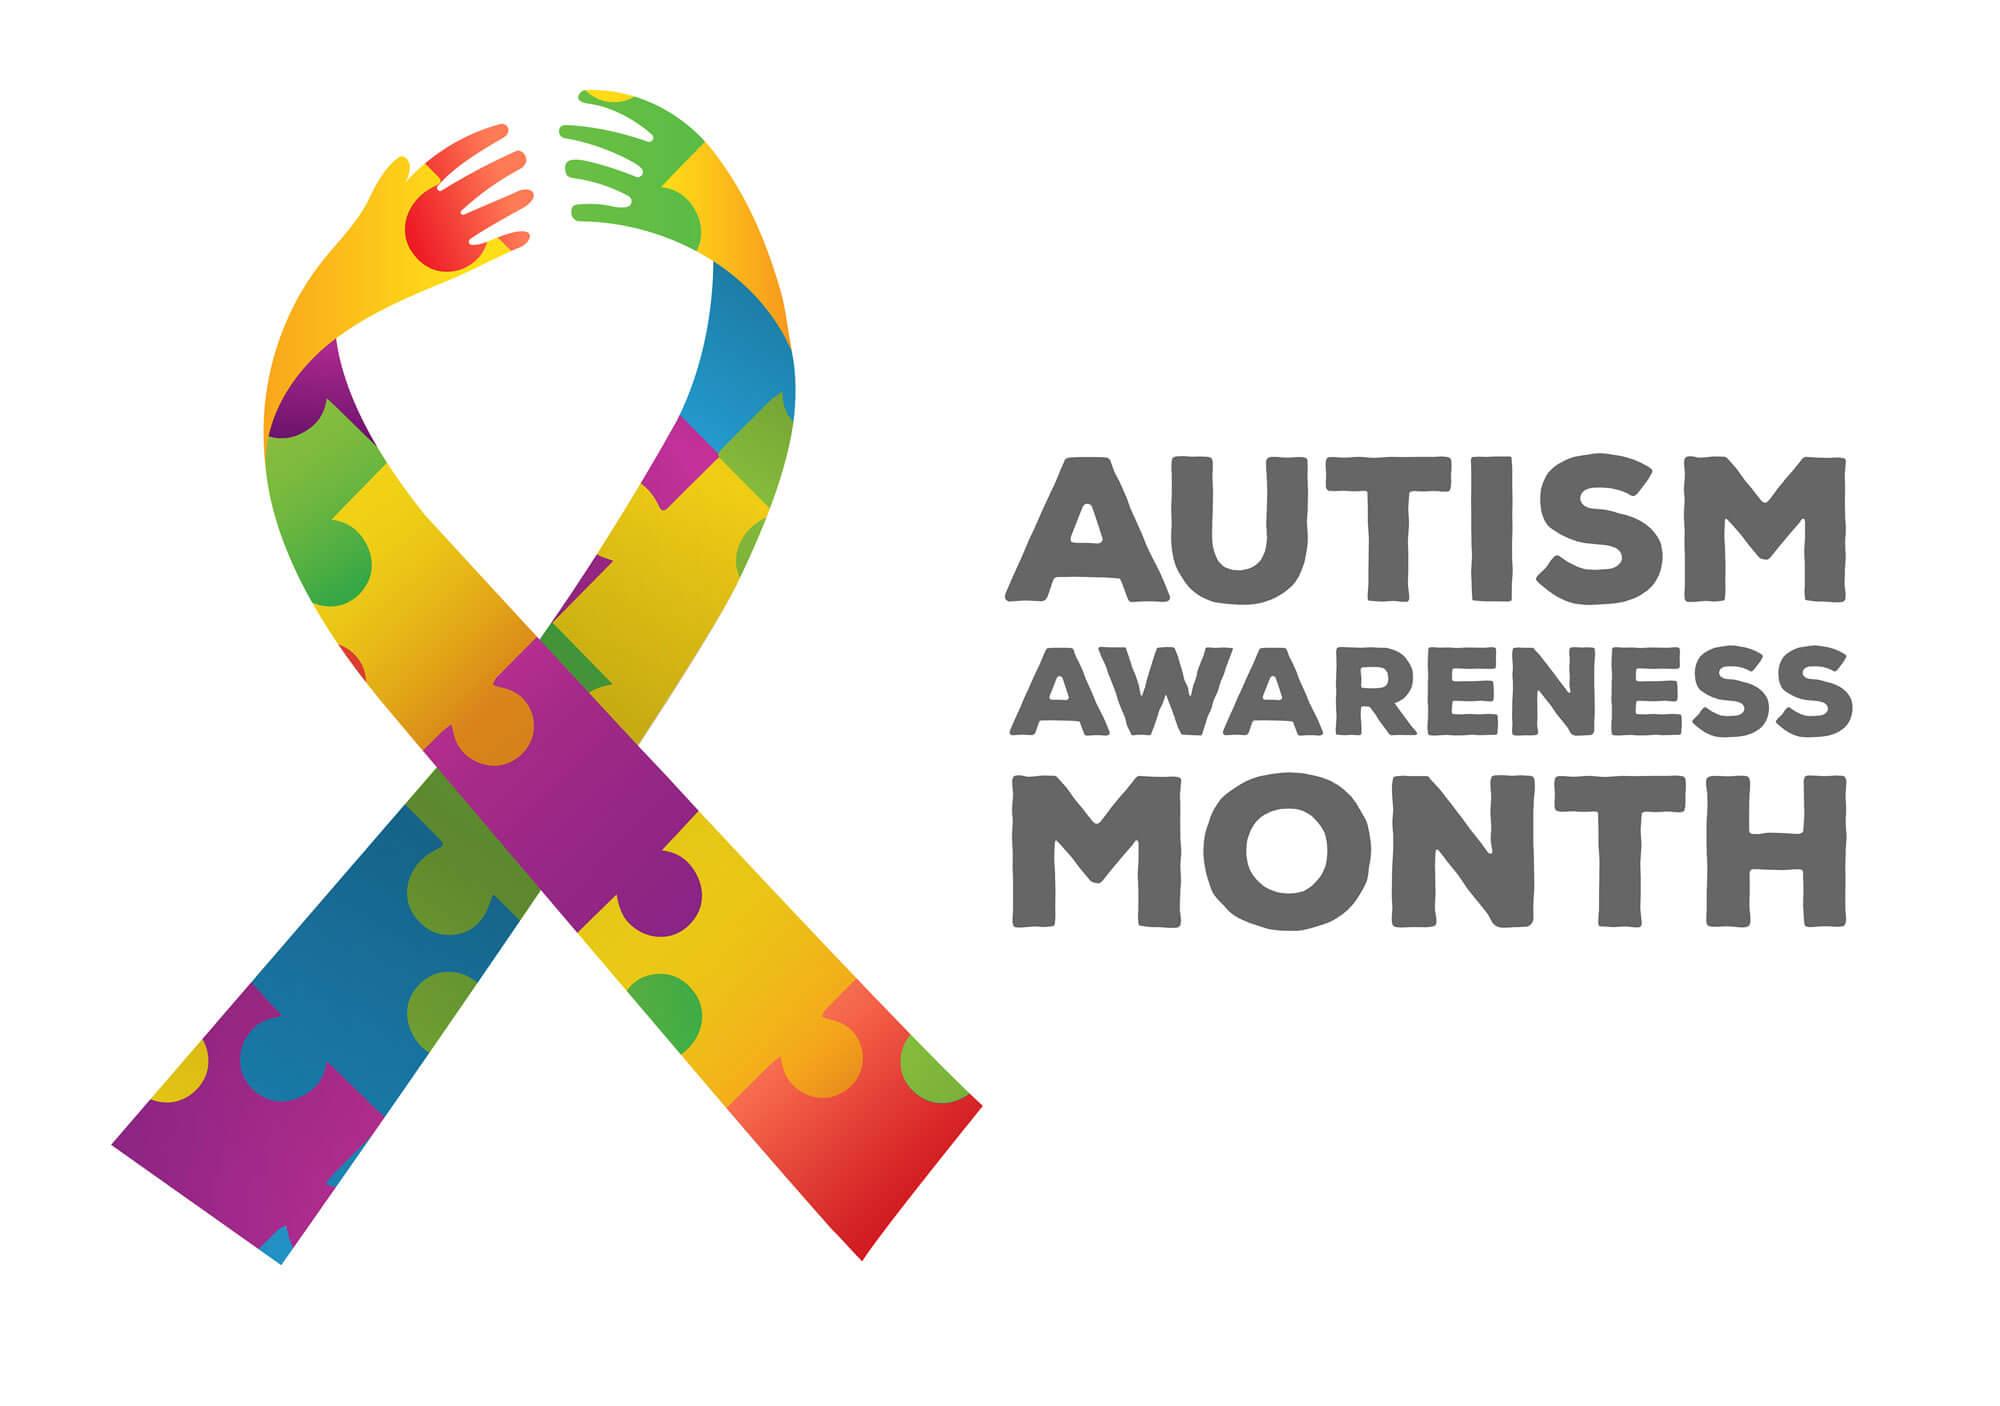 autism-awareness-month-1.jpg